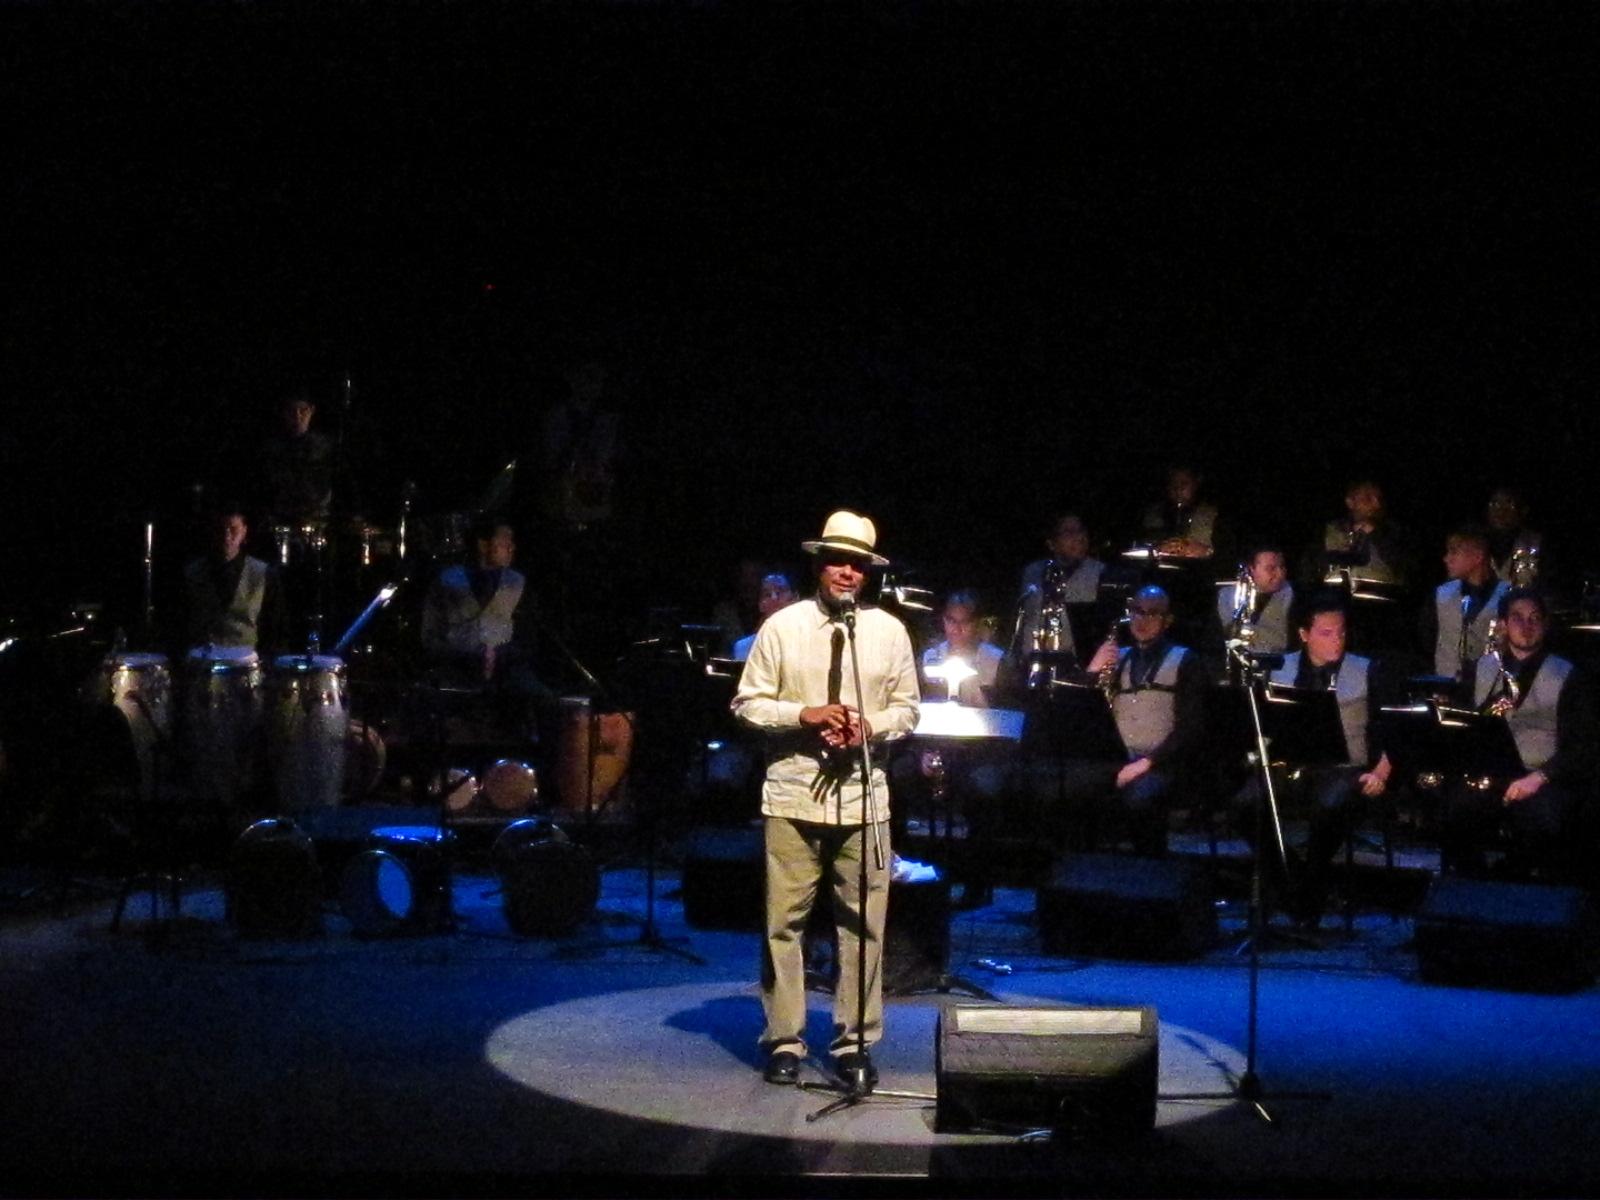 Conservatorio de m sica sim n bol var orquesta latino for Conservatorio simon bolivar blog